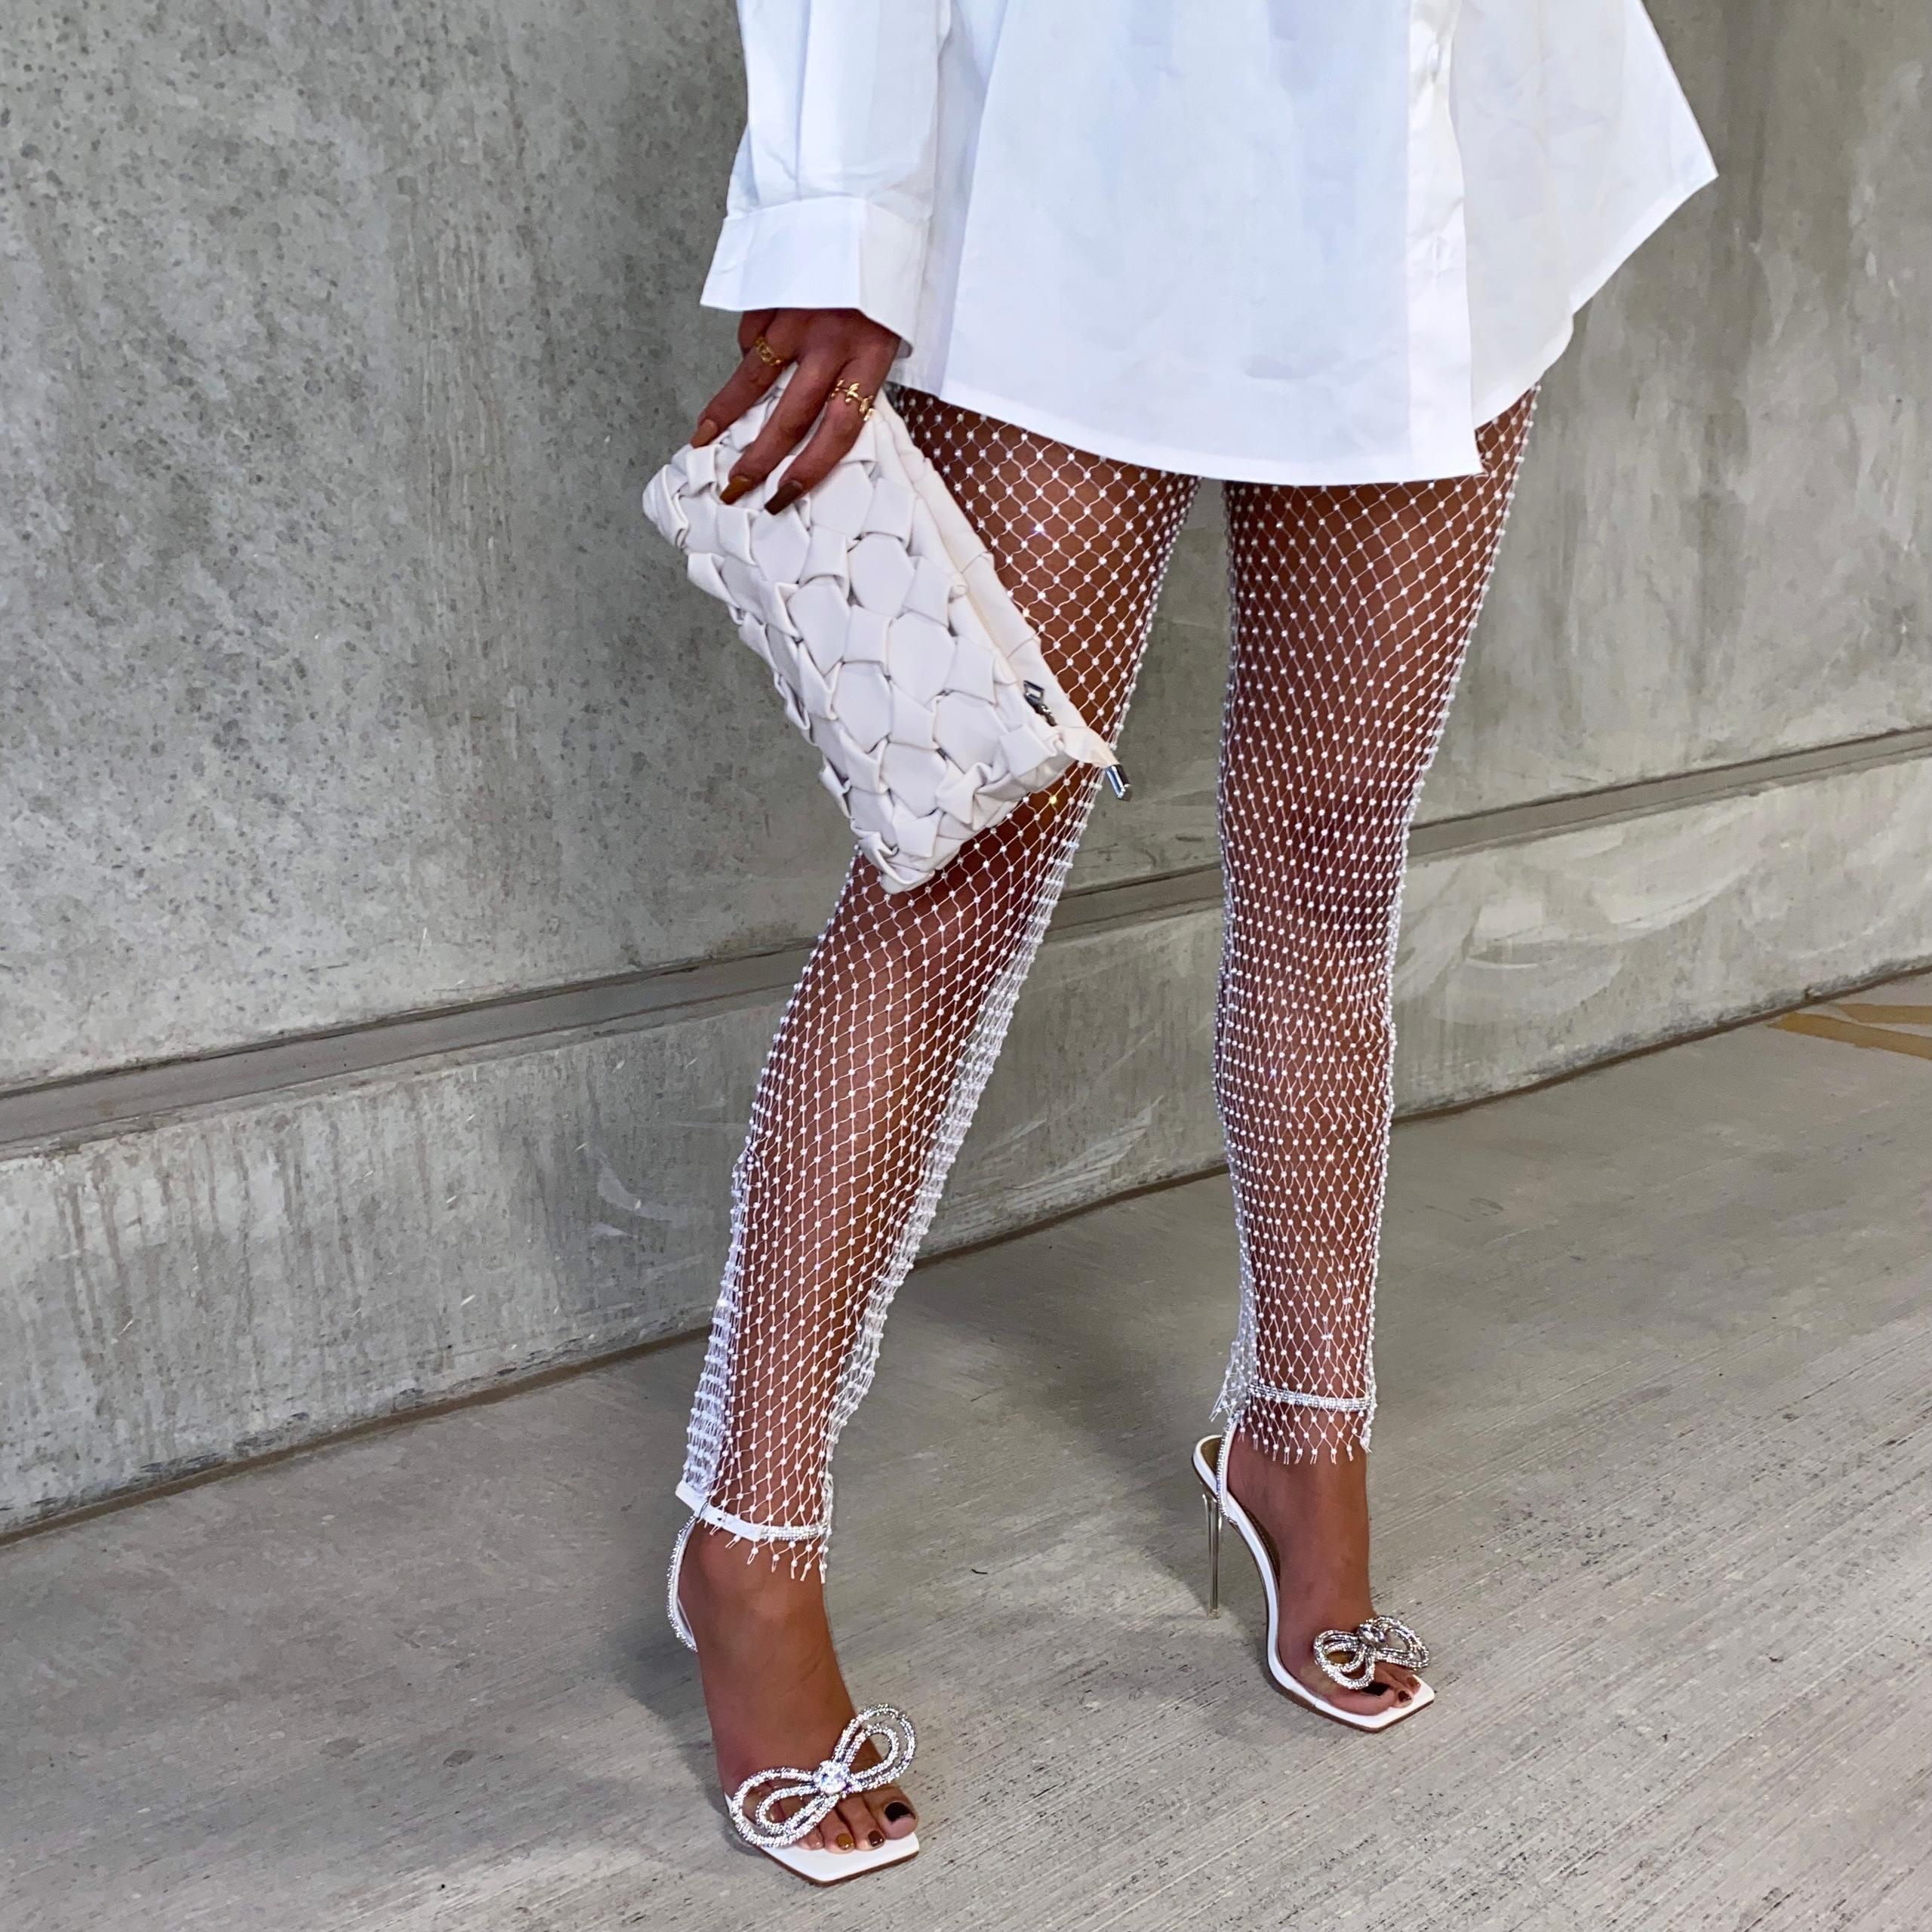 Diamante Detail Leggings In White Fishnet, White